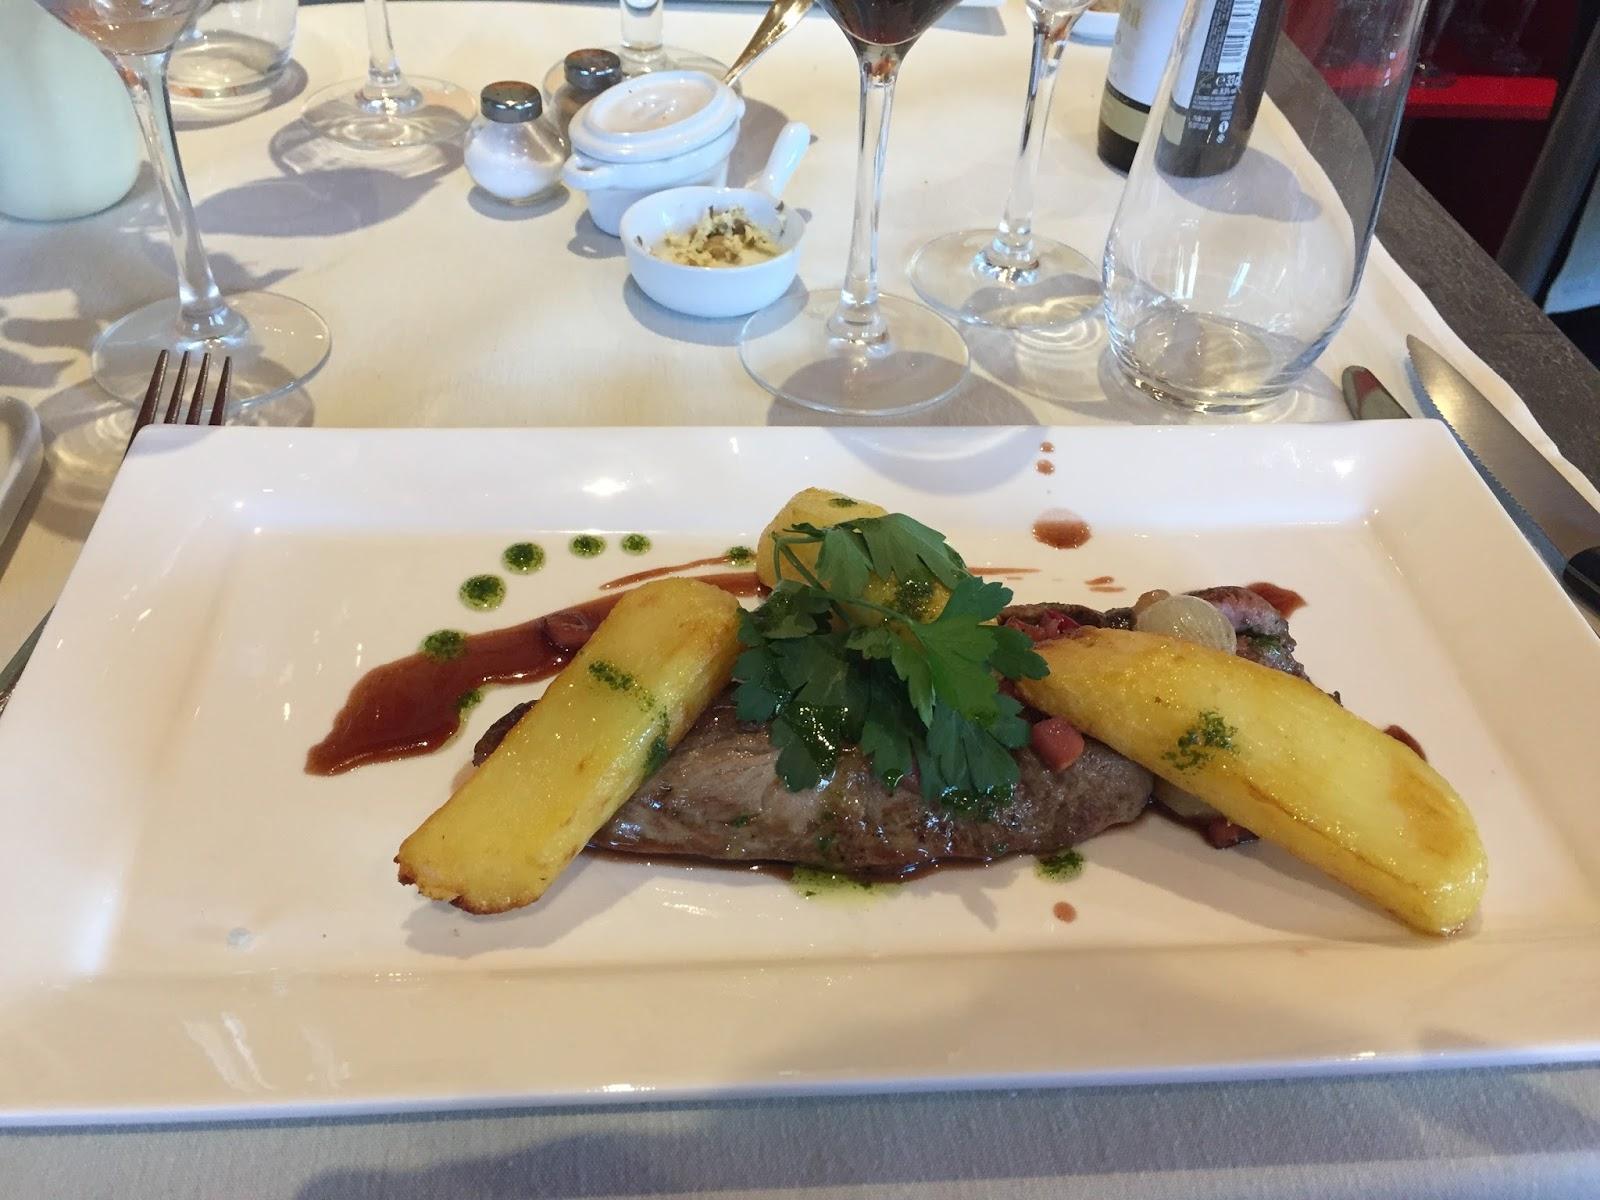 Restaurant Brest Pas Cher Ouvert Samedi Midi